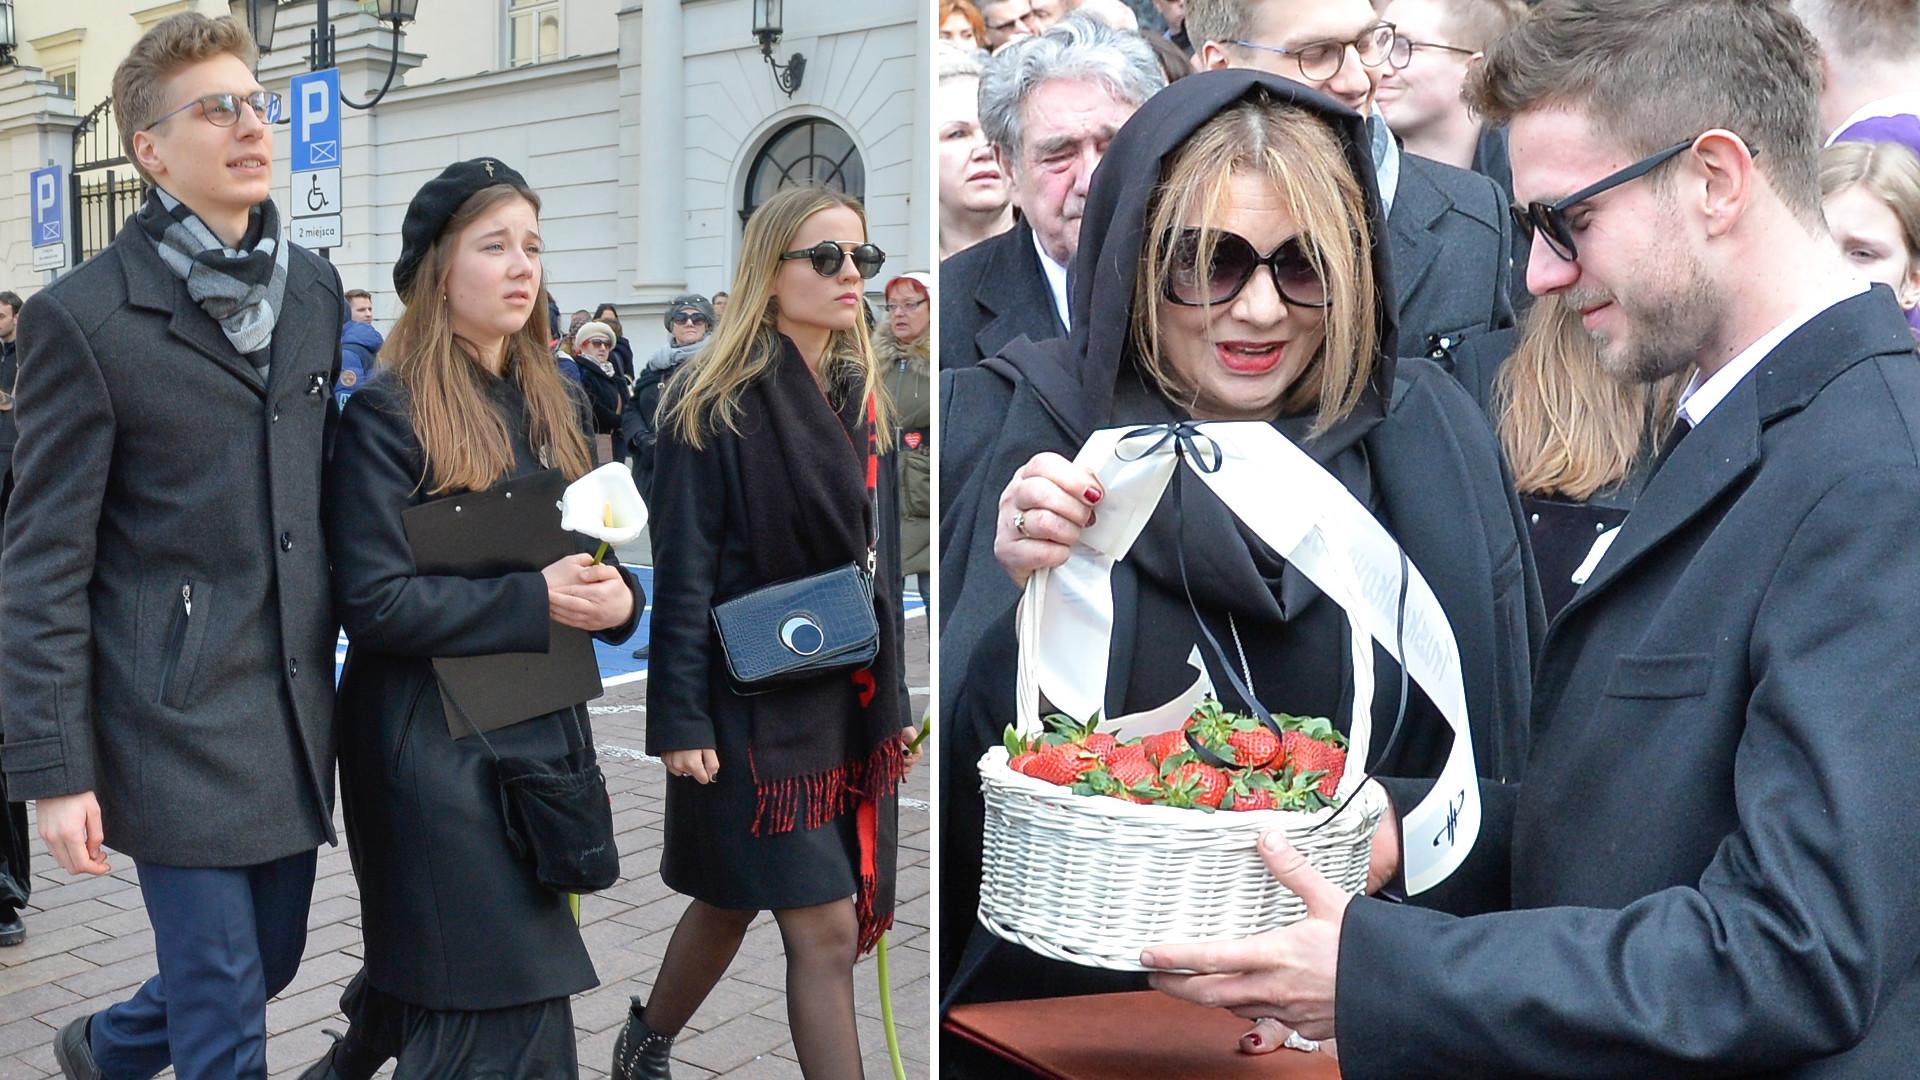 Żona, dzieci i najbliższa rodzina na pogrzebie Pawła Królikowskiego – ktoś przyniósł koszyk truskawek (ZDJĘCIA)